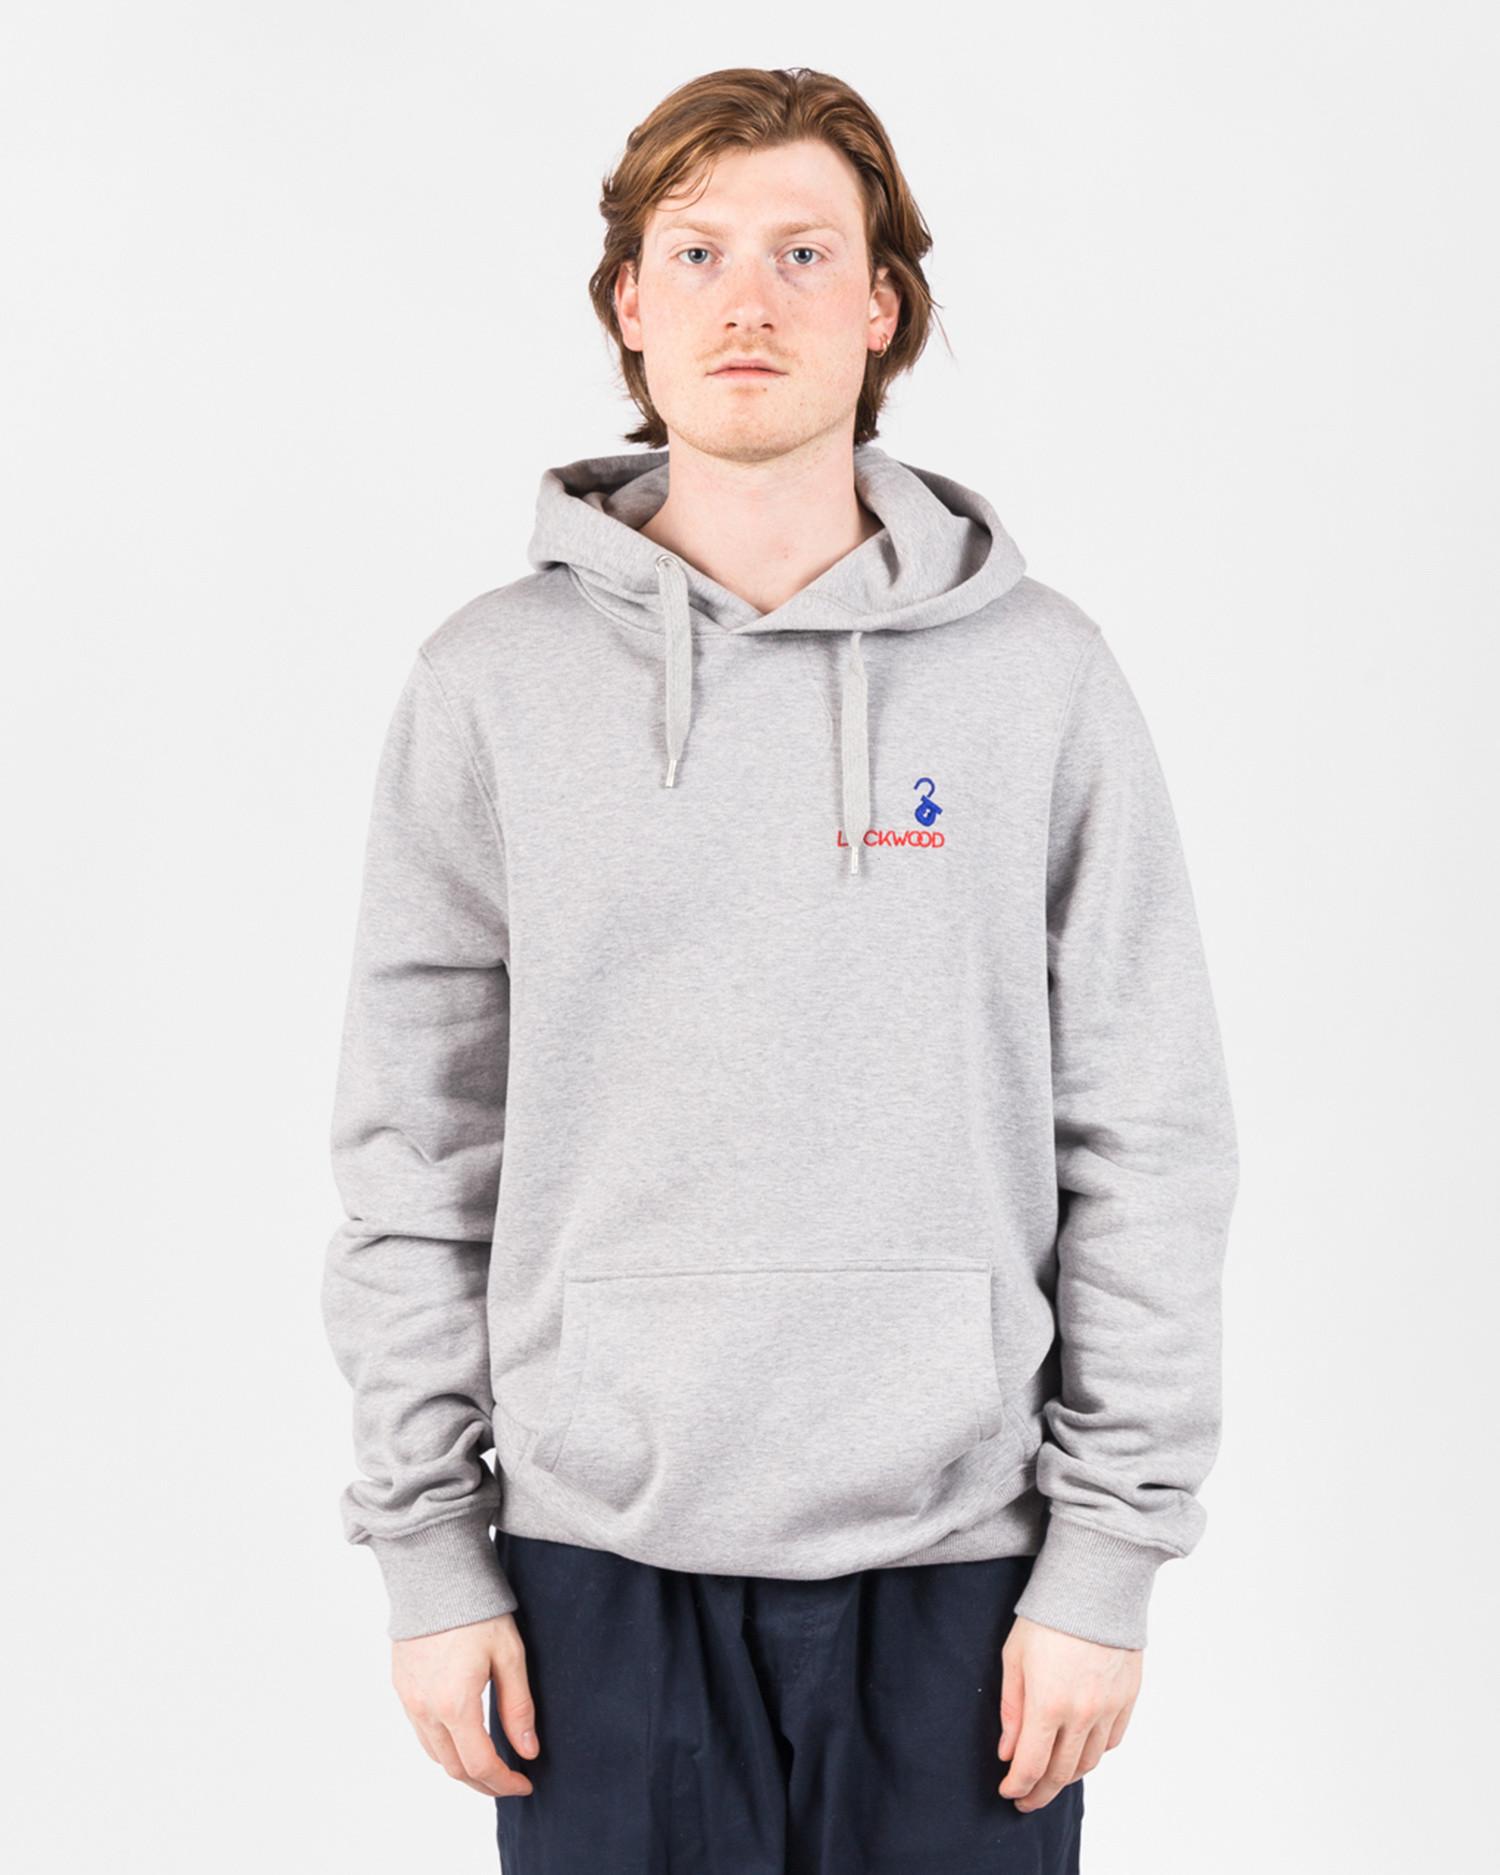 Lockwood Embroidery Hoody Grey